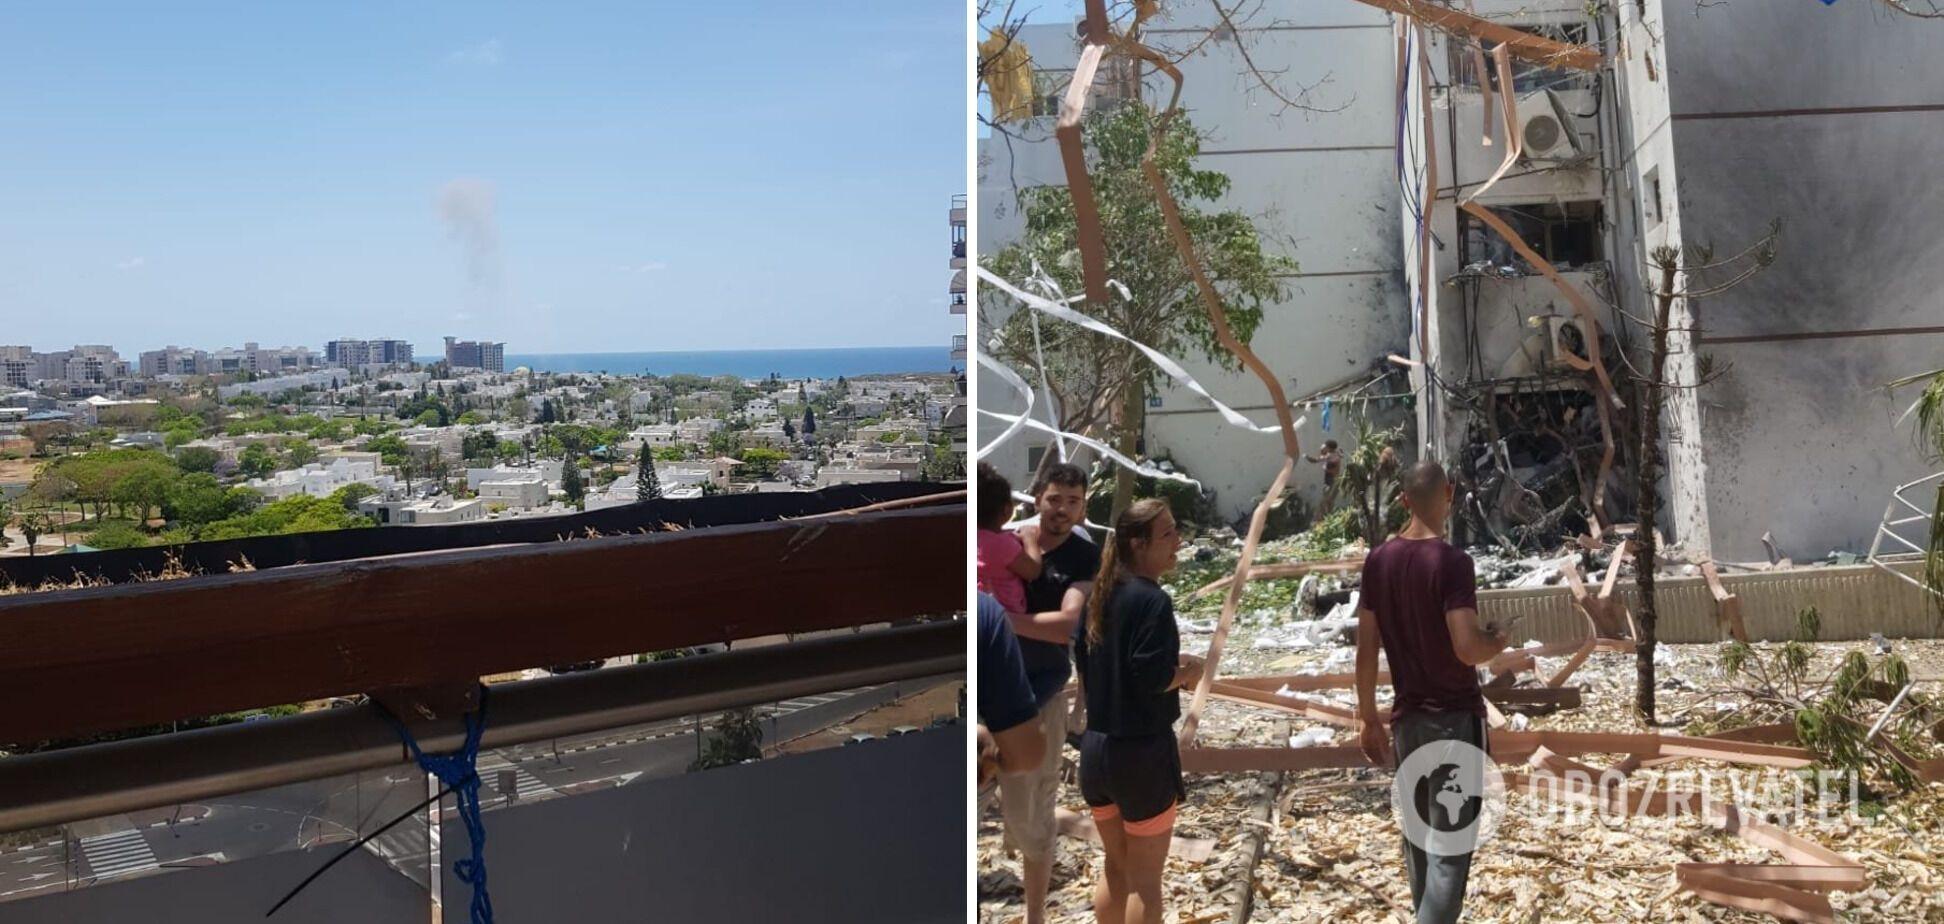 Поврежденное здание в результате удара ракетой